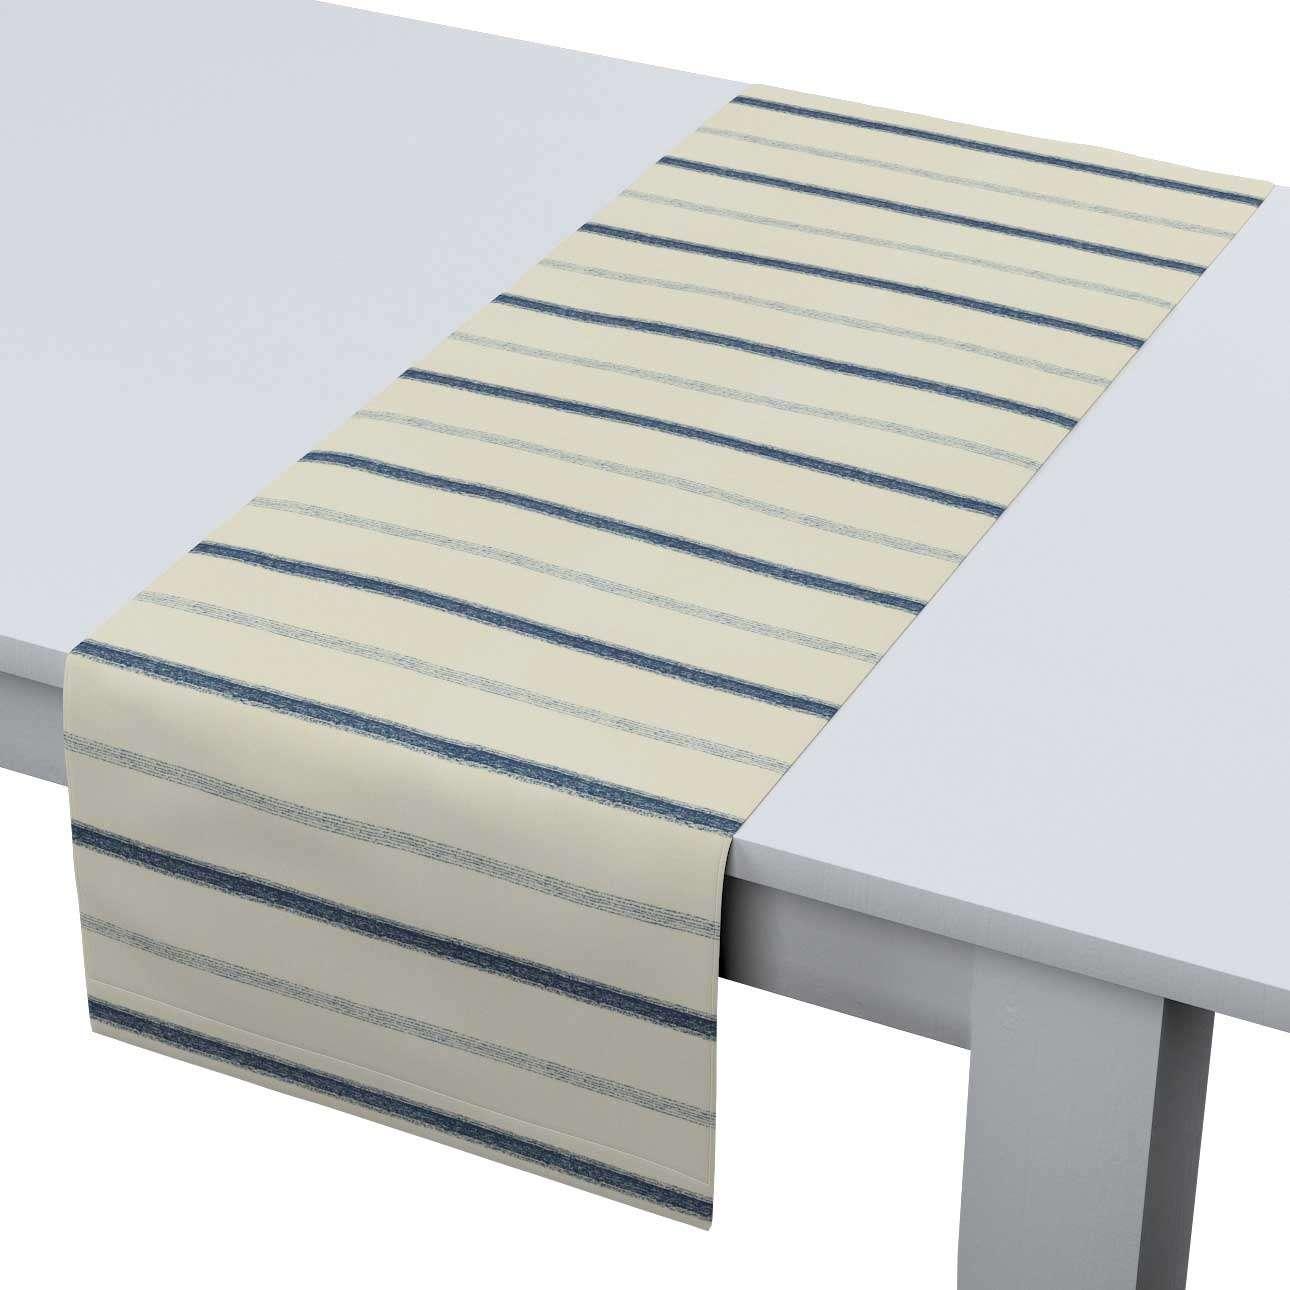 Rechteckiger Tischläufer 40 x 130 cm von der Kollektion Avinon, Stoff: 129-66